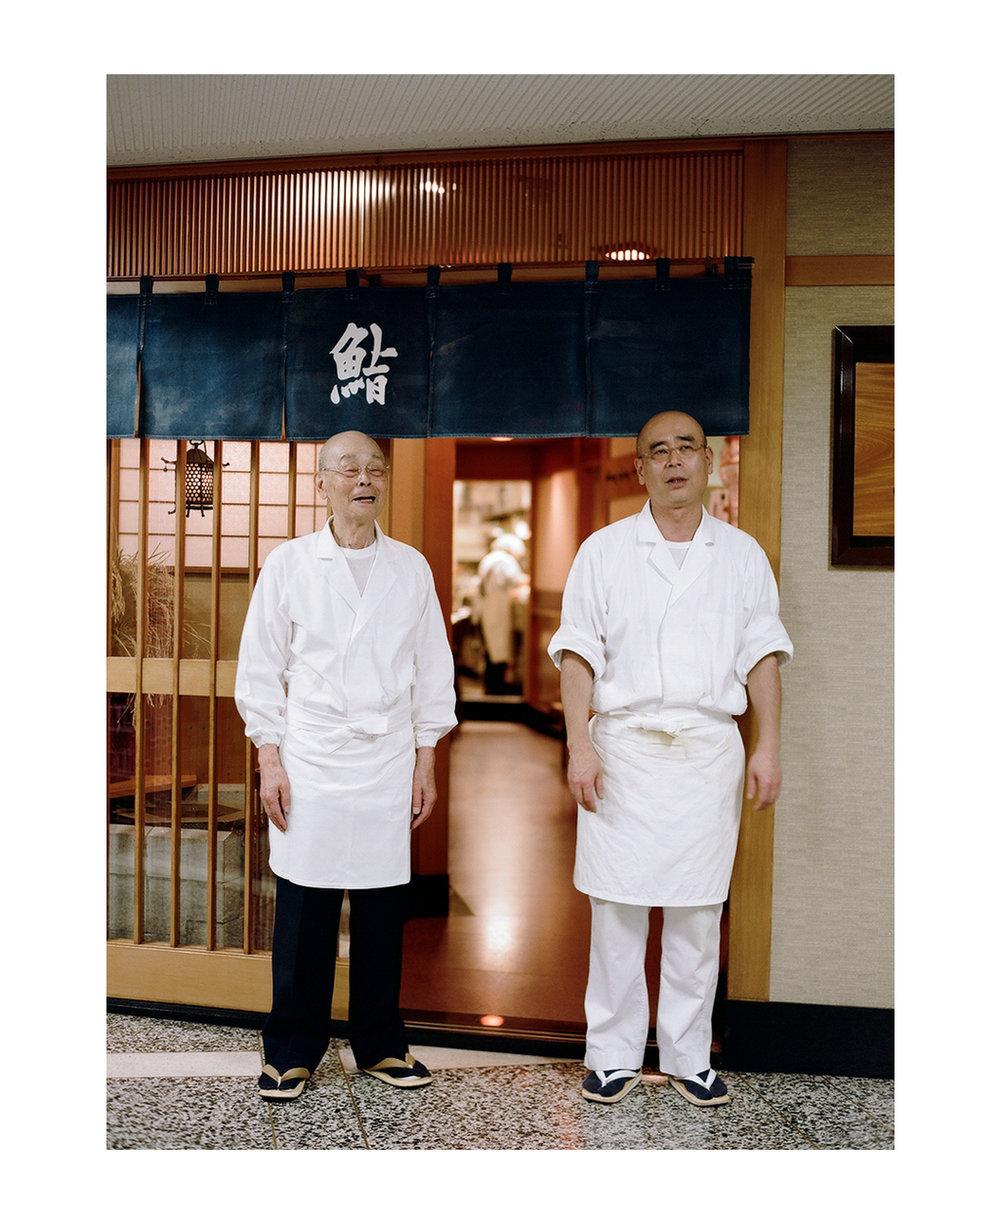 Sushi masters Jiro Ono and son Yoshikazu.